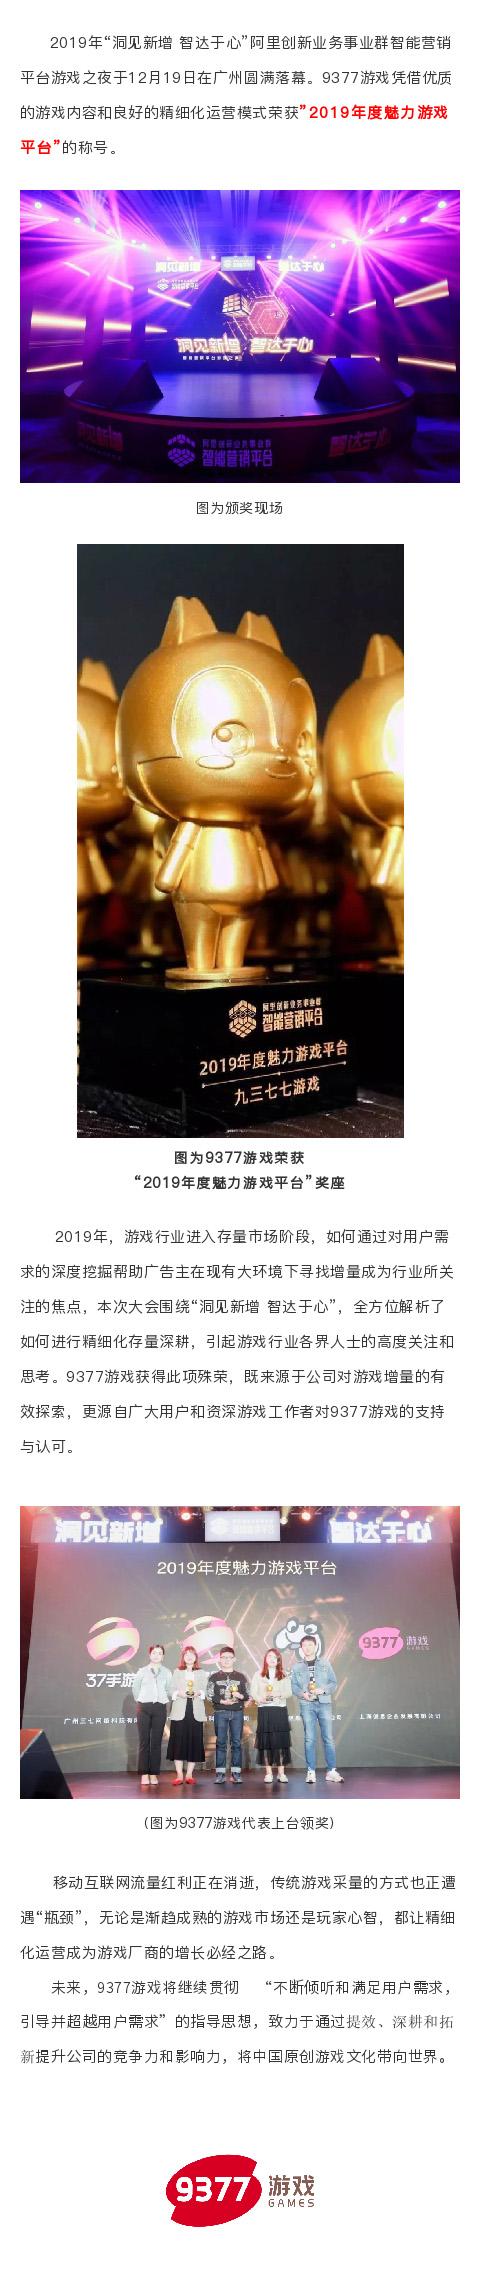 """9377游戏成功斩获""""2019年度魅力游戏平台""""荣誉.jpg"""